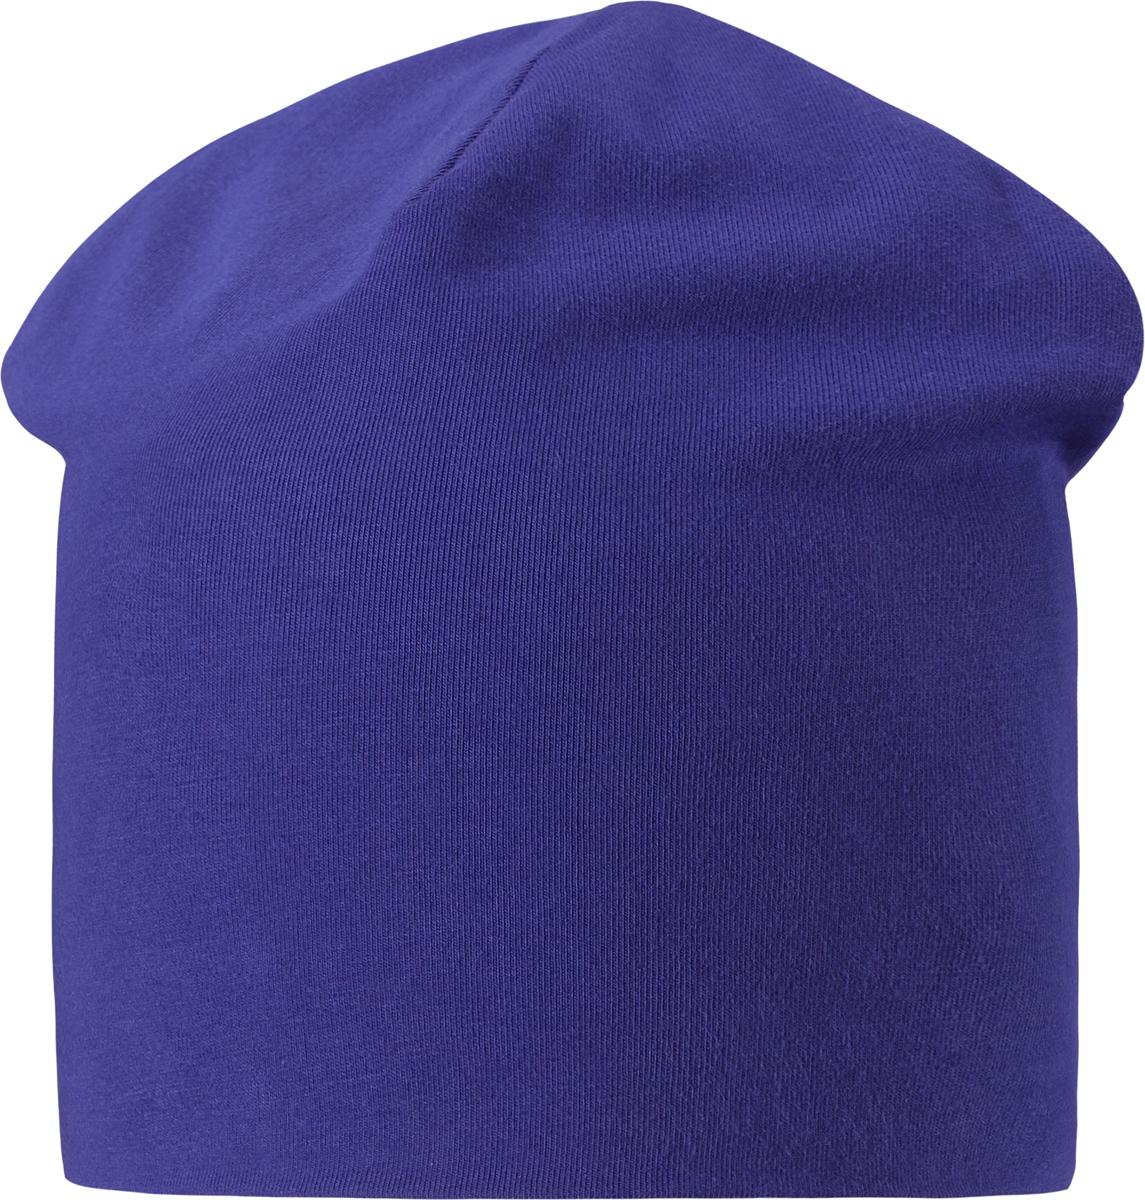 Шапка для мальчика Lassie, цвет: синий. 7287056691. Размер 50/527287056691Легкая и удобная детская шапка в нескольких вариантах разных однотонных расцветок и ярких принтов. Шапка сделана из легкого и дышащего джерси на полной трикотажной подкладке из смесового хлопка. Ветронепроницаемые вставки в области ушей обеспечивают дополнительное утепление.